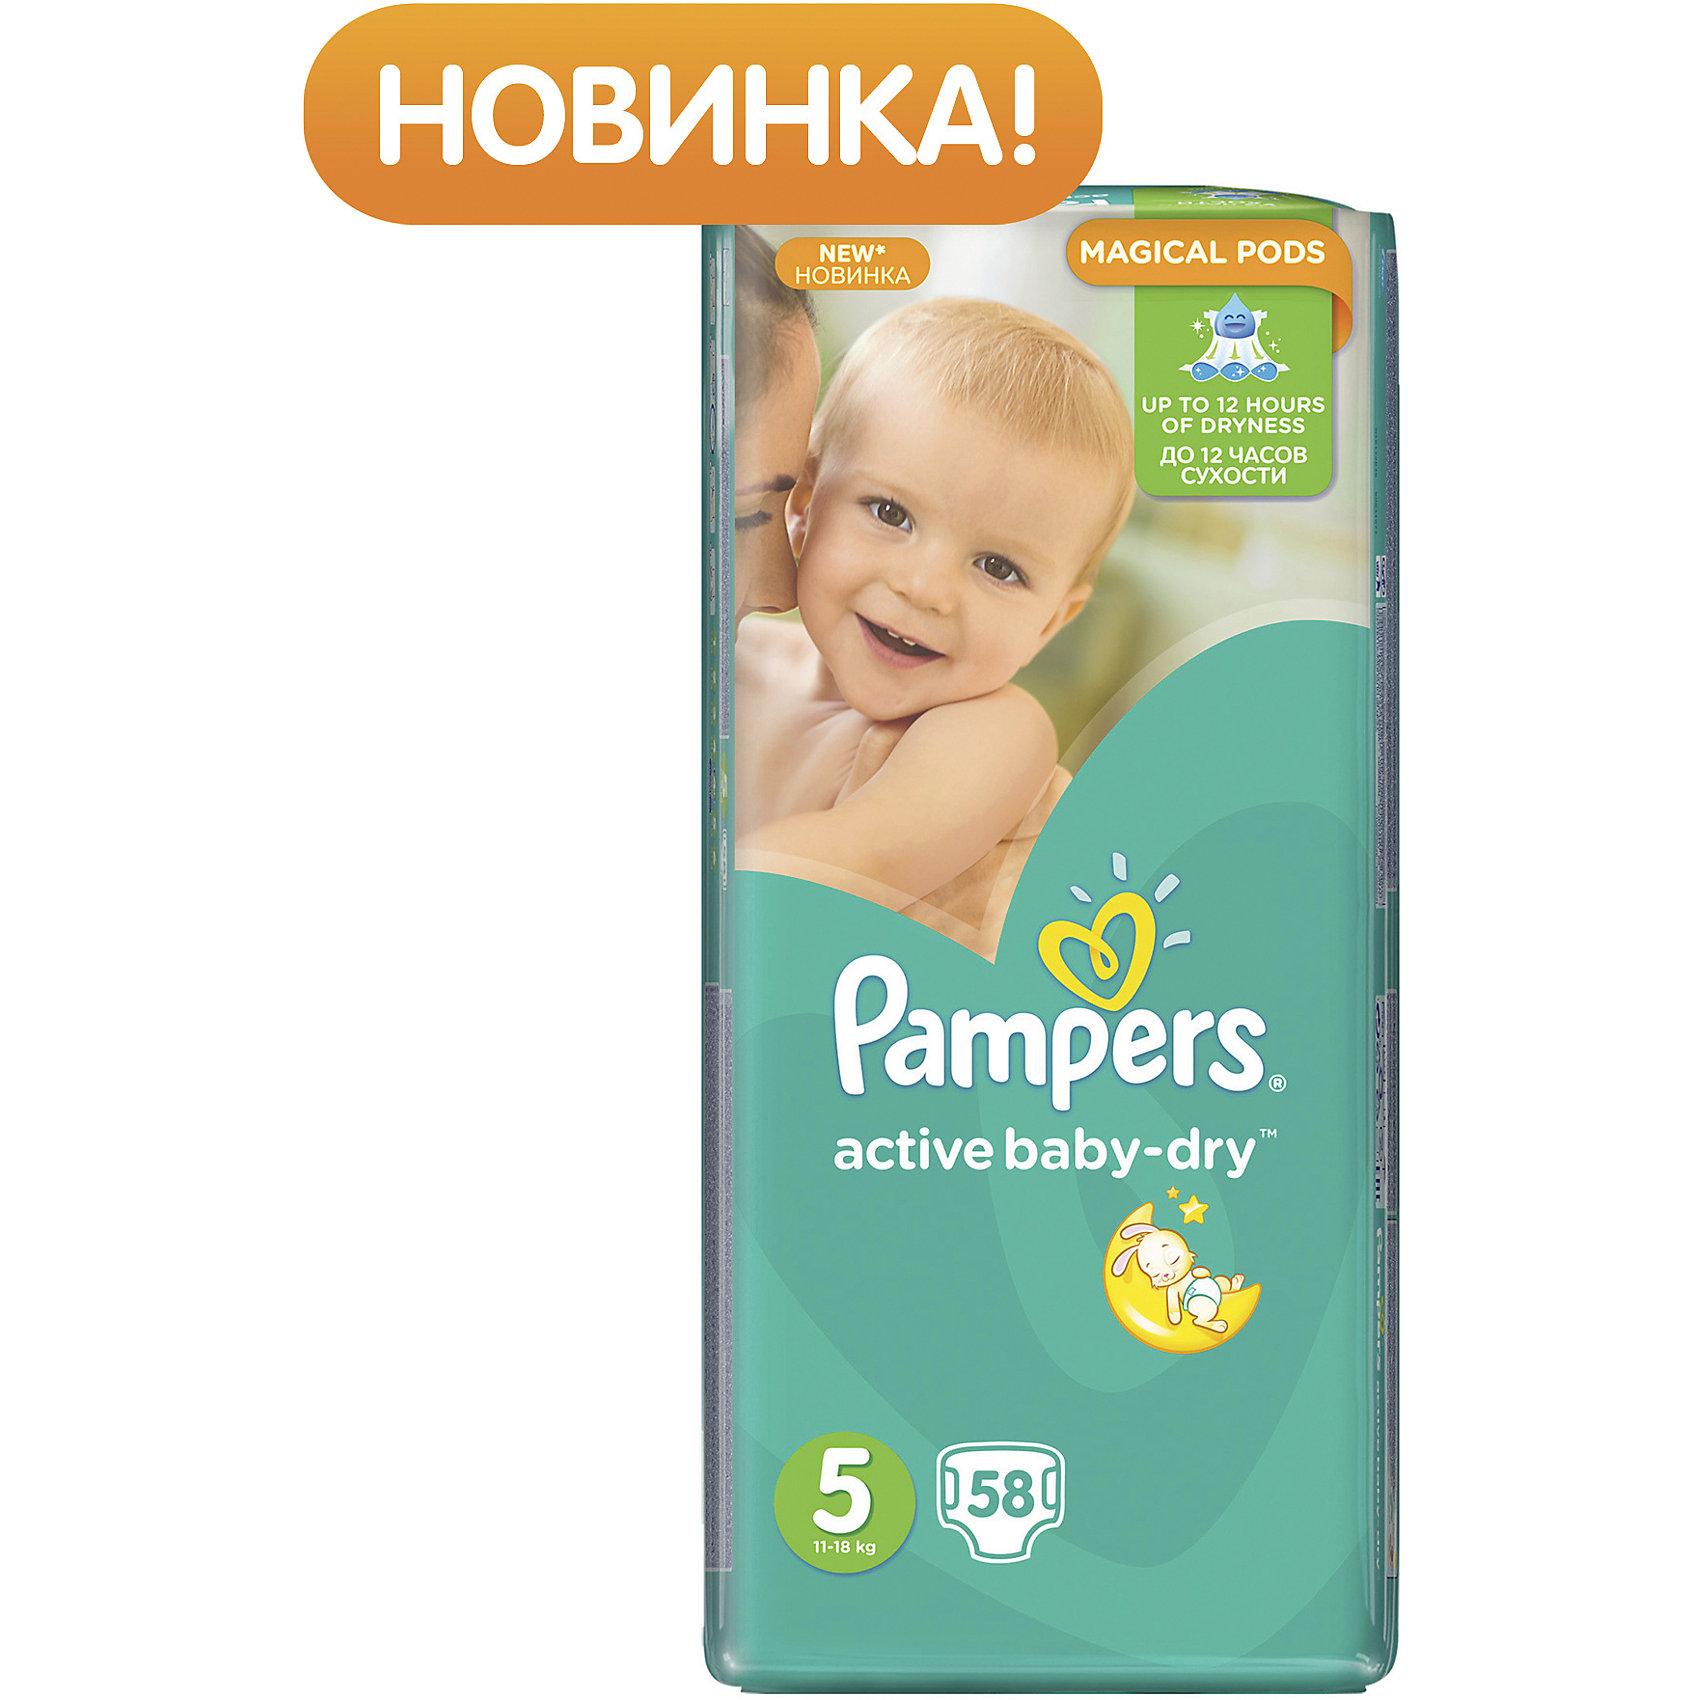 Подгузники Pampers Active Baby-Dry, 11-18 кг, 5 размер, 58 шт., PampersПодгузники классические<br>Характеристики:<br><br>• Пол: универсальный<br>• Тип подгузника: одноразовый<br>• Коллекция: Active Baby-Dry<br>• Предназначение: для использования в любое время суток <br>• Размер: 5<br>• Вес ребенка: от 11 до 18 кг<br>• Количество в упаковке: 58 шт.<br>• Упаковка: пакет<br>• Размер упаковки: 24,8*11,8*45 см<br>• Вес в упаковке: 2 кг 160 г<br>• Эластичные застежки-липучки<br>• Быстро впитывающий слой<br>• Мягкий верхний слой<br>• Сохранение сухости в течение 12-ти часов<br><br>Подгузники Pampers Active Baby-Dry, 11-18 кг, 5 размер, 58 шт., Pampers – это линейка классических детских подгузников от Pampers, которая сочетает в себе качество и безопасность материалов, удобство использования и комфорт для нежной кожи малыша. Подгузники предназначены для детей весом до 18 кг. Инновационные технологии и современные материалы обеспечивают этим подгузникам Дышащие свойства, что особенно важно для кожи малыша. <br><br>Впитывающие свойства изделию обеспечивает уникальный слой, состоящий из жемчужных микрогранул. У подгузников предусмотрена эластичная мягкая резиночка на спинке. Широкие липучки с двух сторон обеспечивают надежную фиксацию. Подгузник имеет мягкий верхний слой, который обеспечивает не только комфорт, но и защищает кожу ребенка от раздражений. Подгузник подходит как для мальчиков, так и для девочек. <br><br>Подгузники Pampers Active Baby-Dry, 11-18 кг, 5 размер, 58 шт., Pampers можно купить в нашем интернет-магазине.<br><br>Ширина мм: 248<br>Глубина мм: 118<br>Высота мм: 450<br>Вес г: 216<br>Возраст от месяцев: 12<br>Возраст до месяцев: 36<br>Пол: Унисекс<br>Возраст: Детский<br>SKU: 5419081